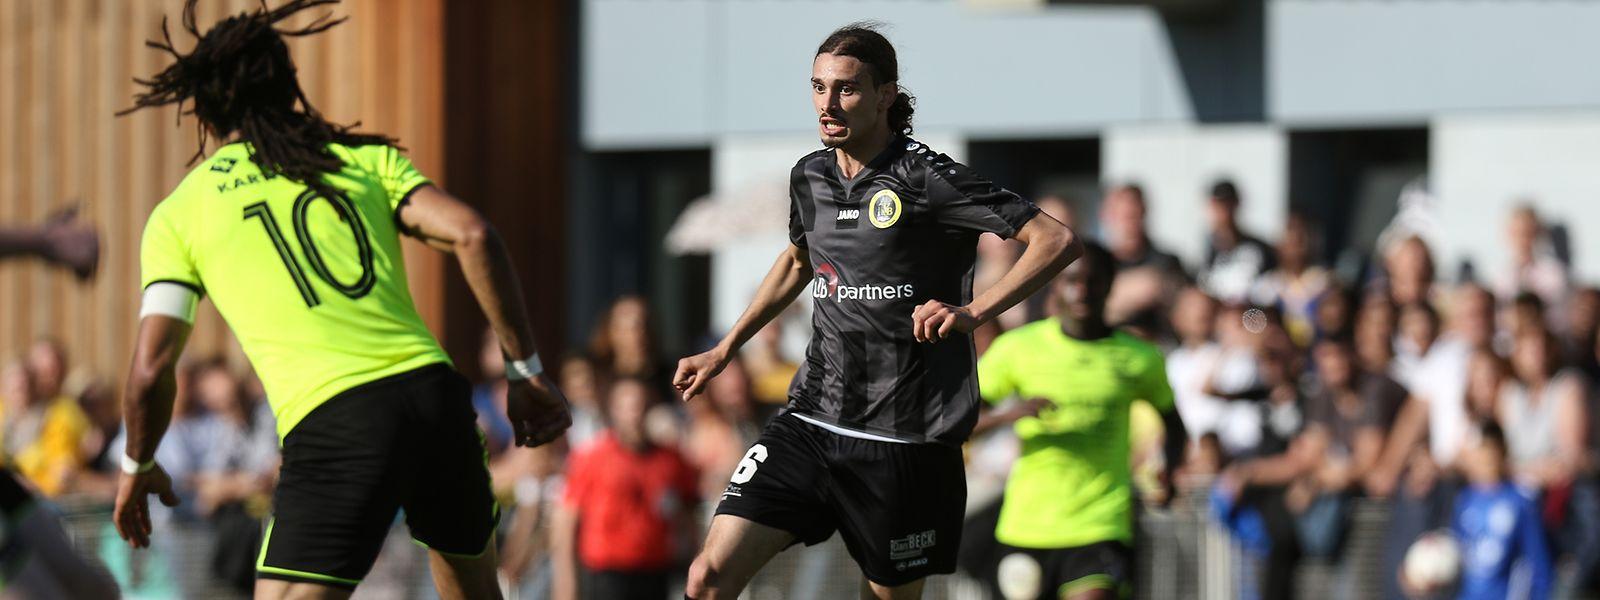 Michel Martins könnte mit Weiler im Relegationsspiel erneut auf Bissen treffen.